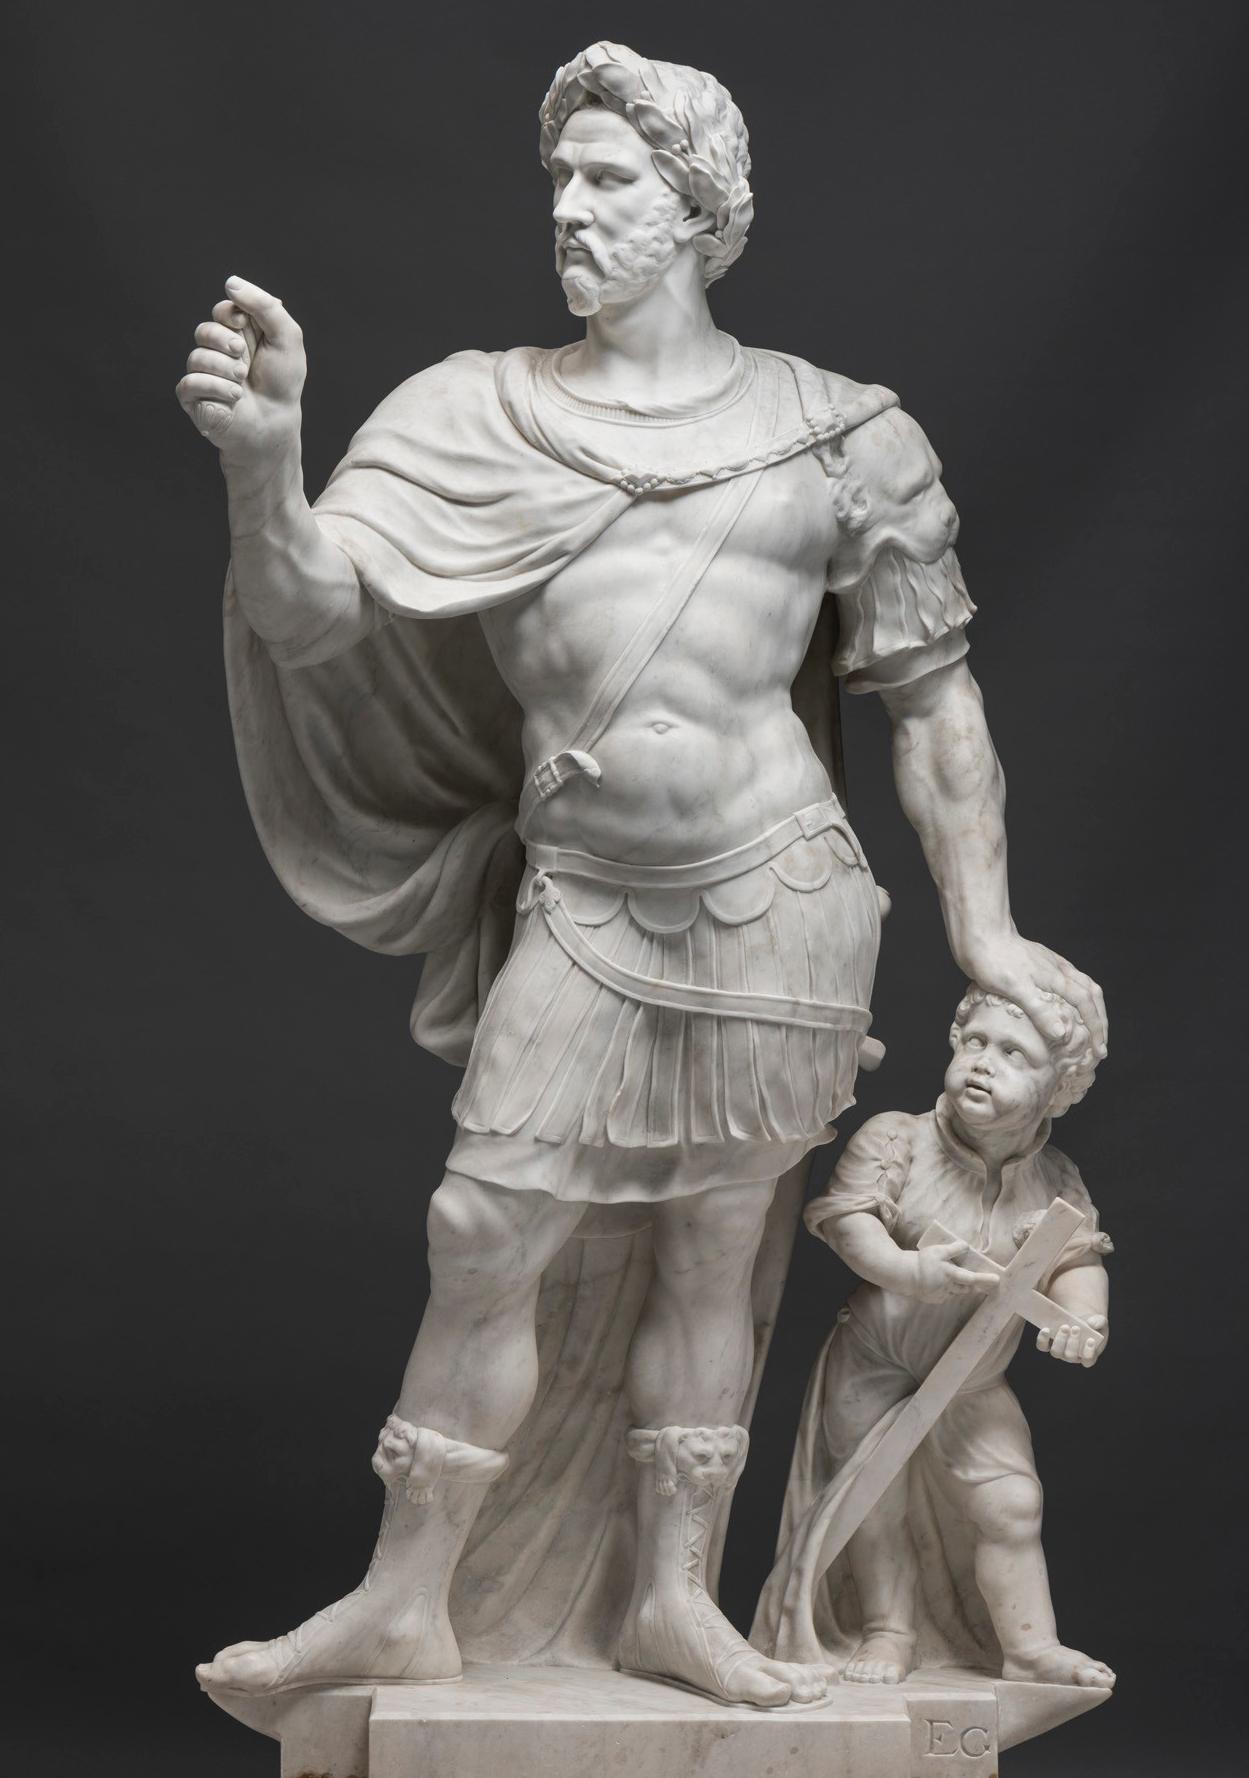 early modern sculpture of the Roman emperor Constantine the Great from the collection of the Stiftung Preußische Schlösser und Gärten Berlin-Brandenburg